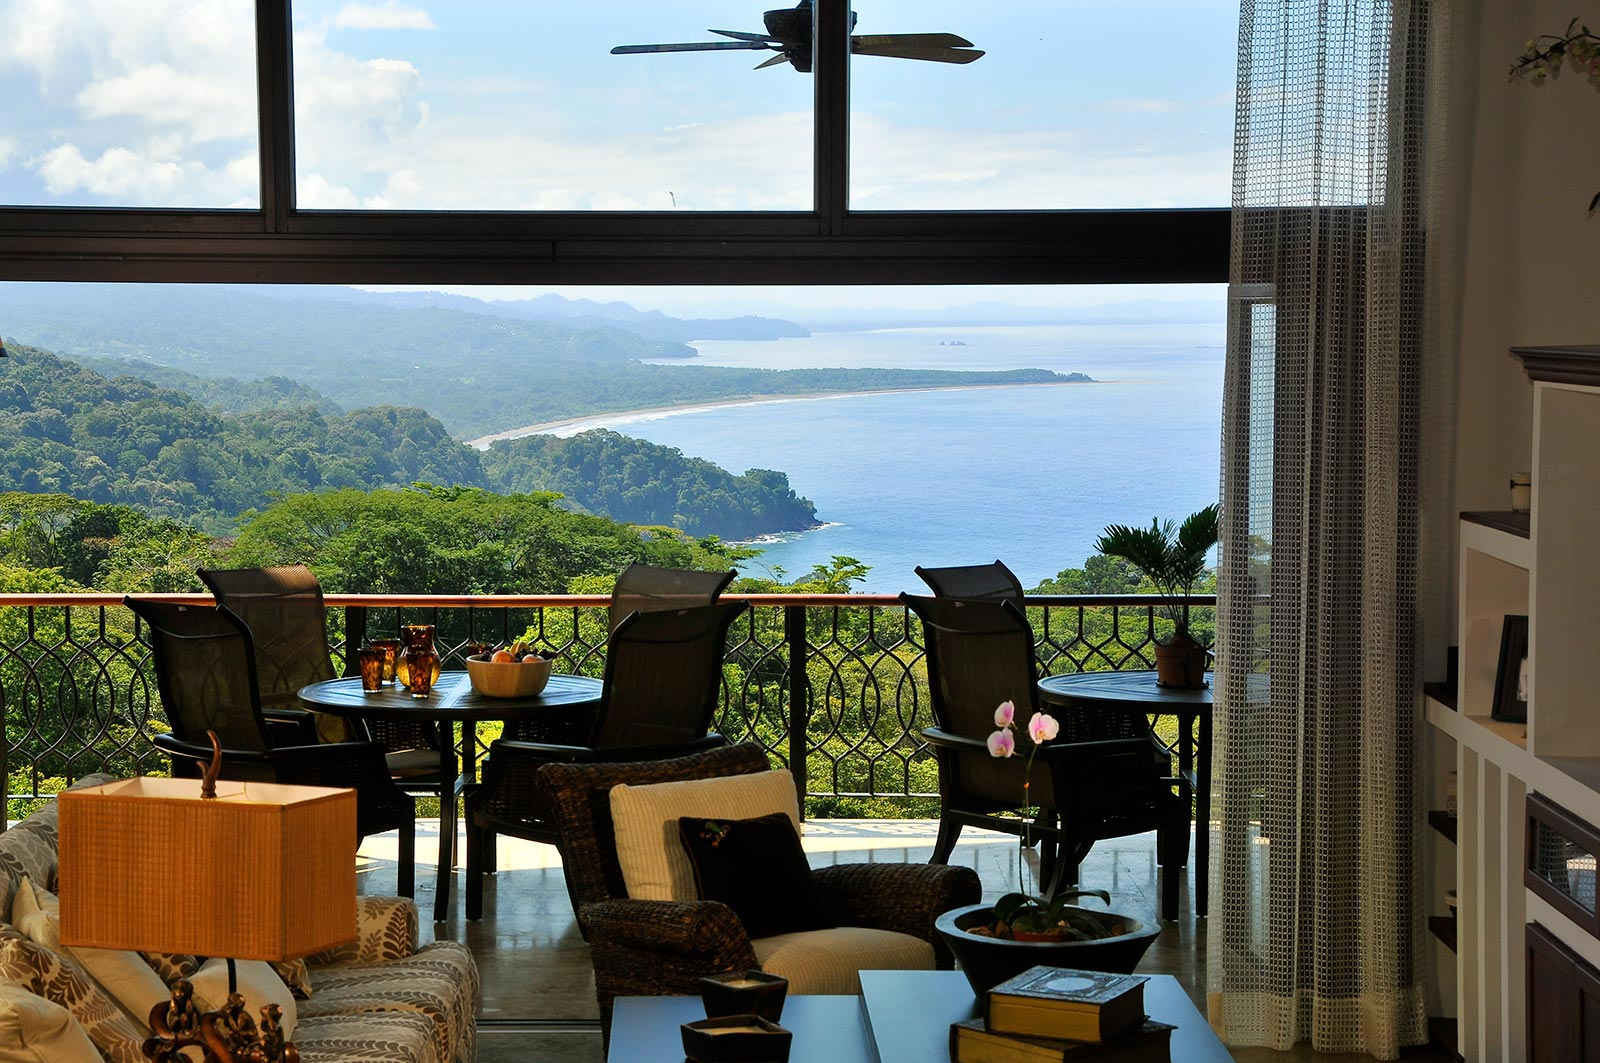 Costa Rica Retirement Villas